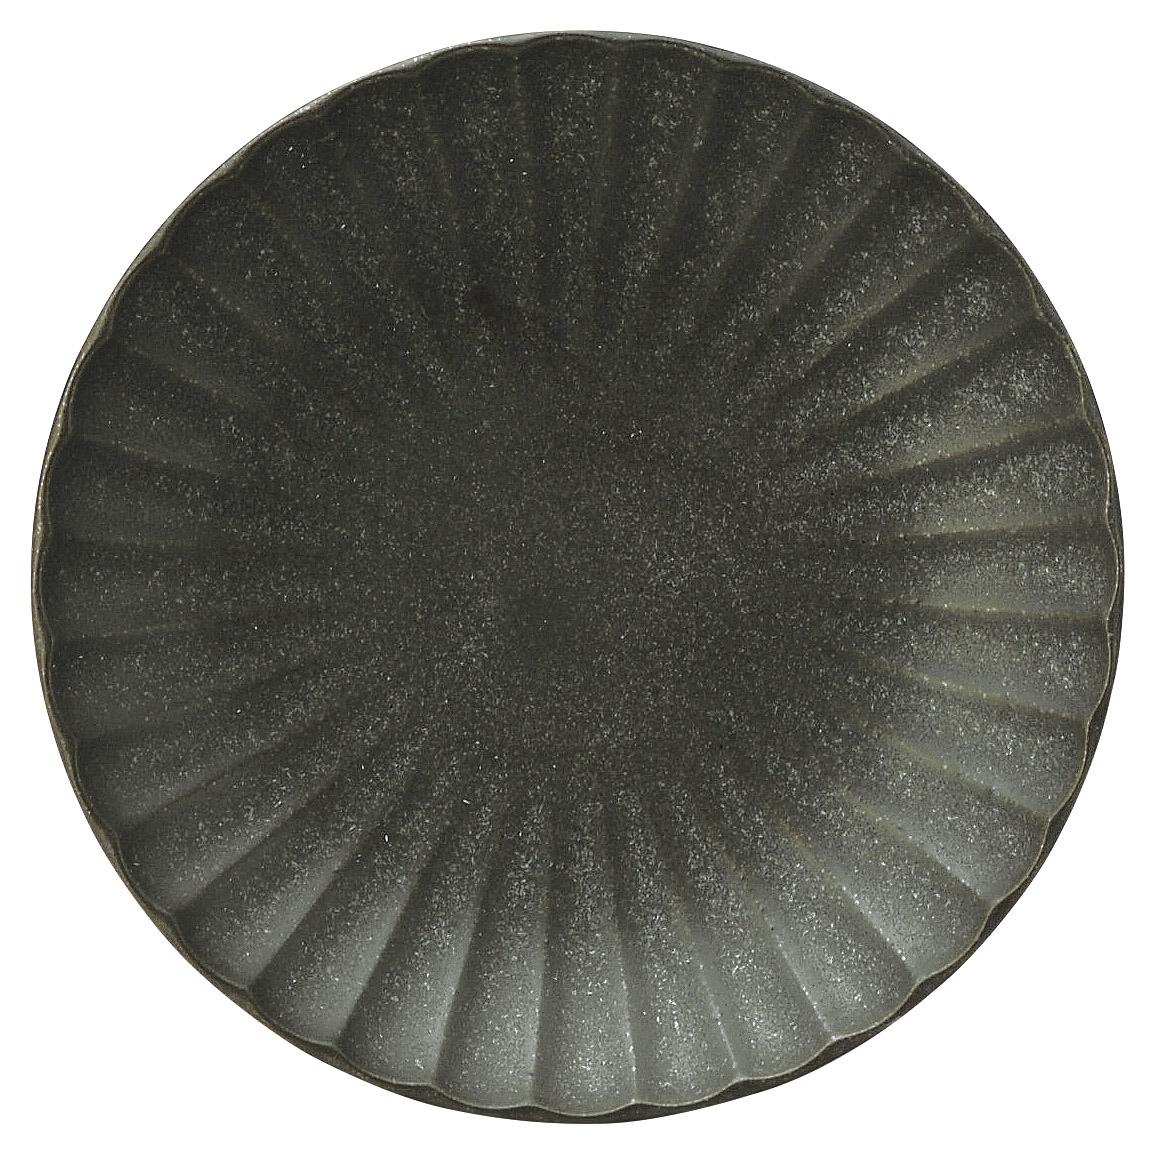 かすみ 黒 12.5cm丸皿 画像